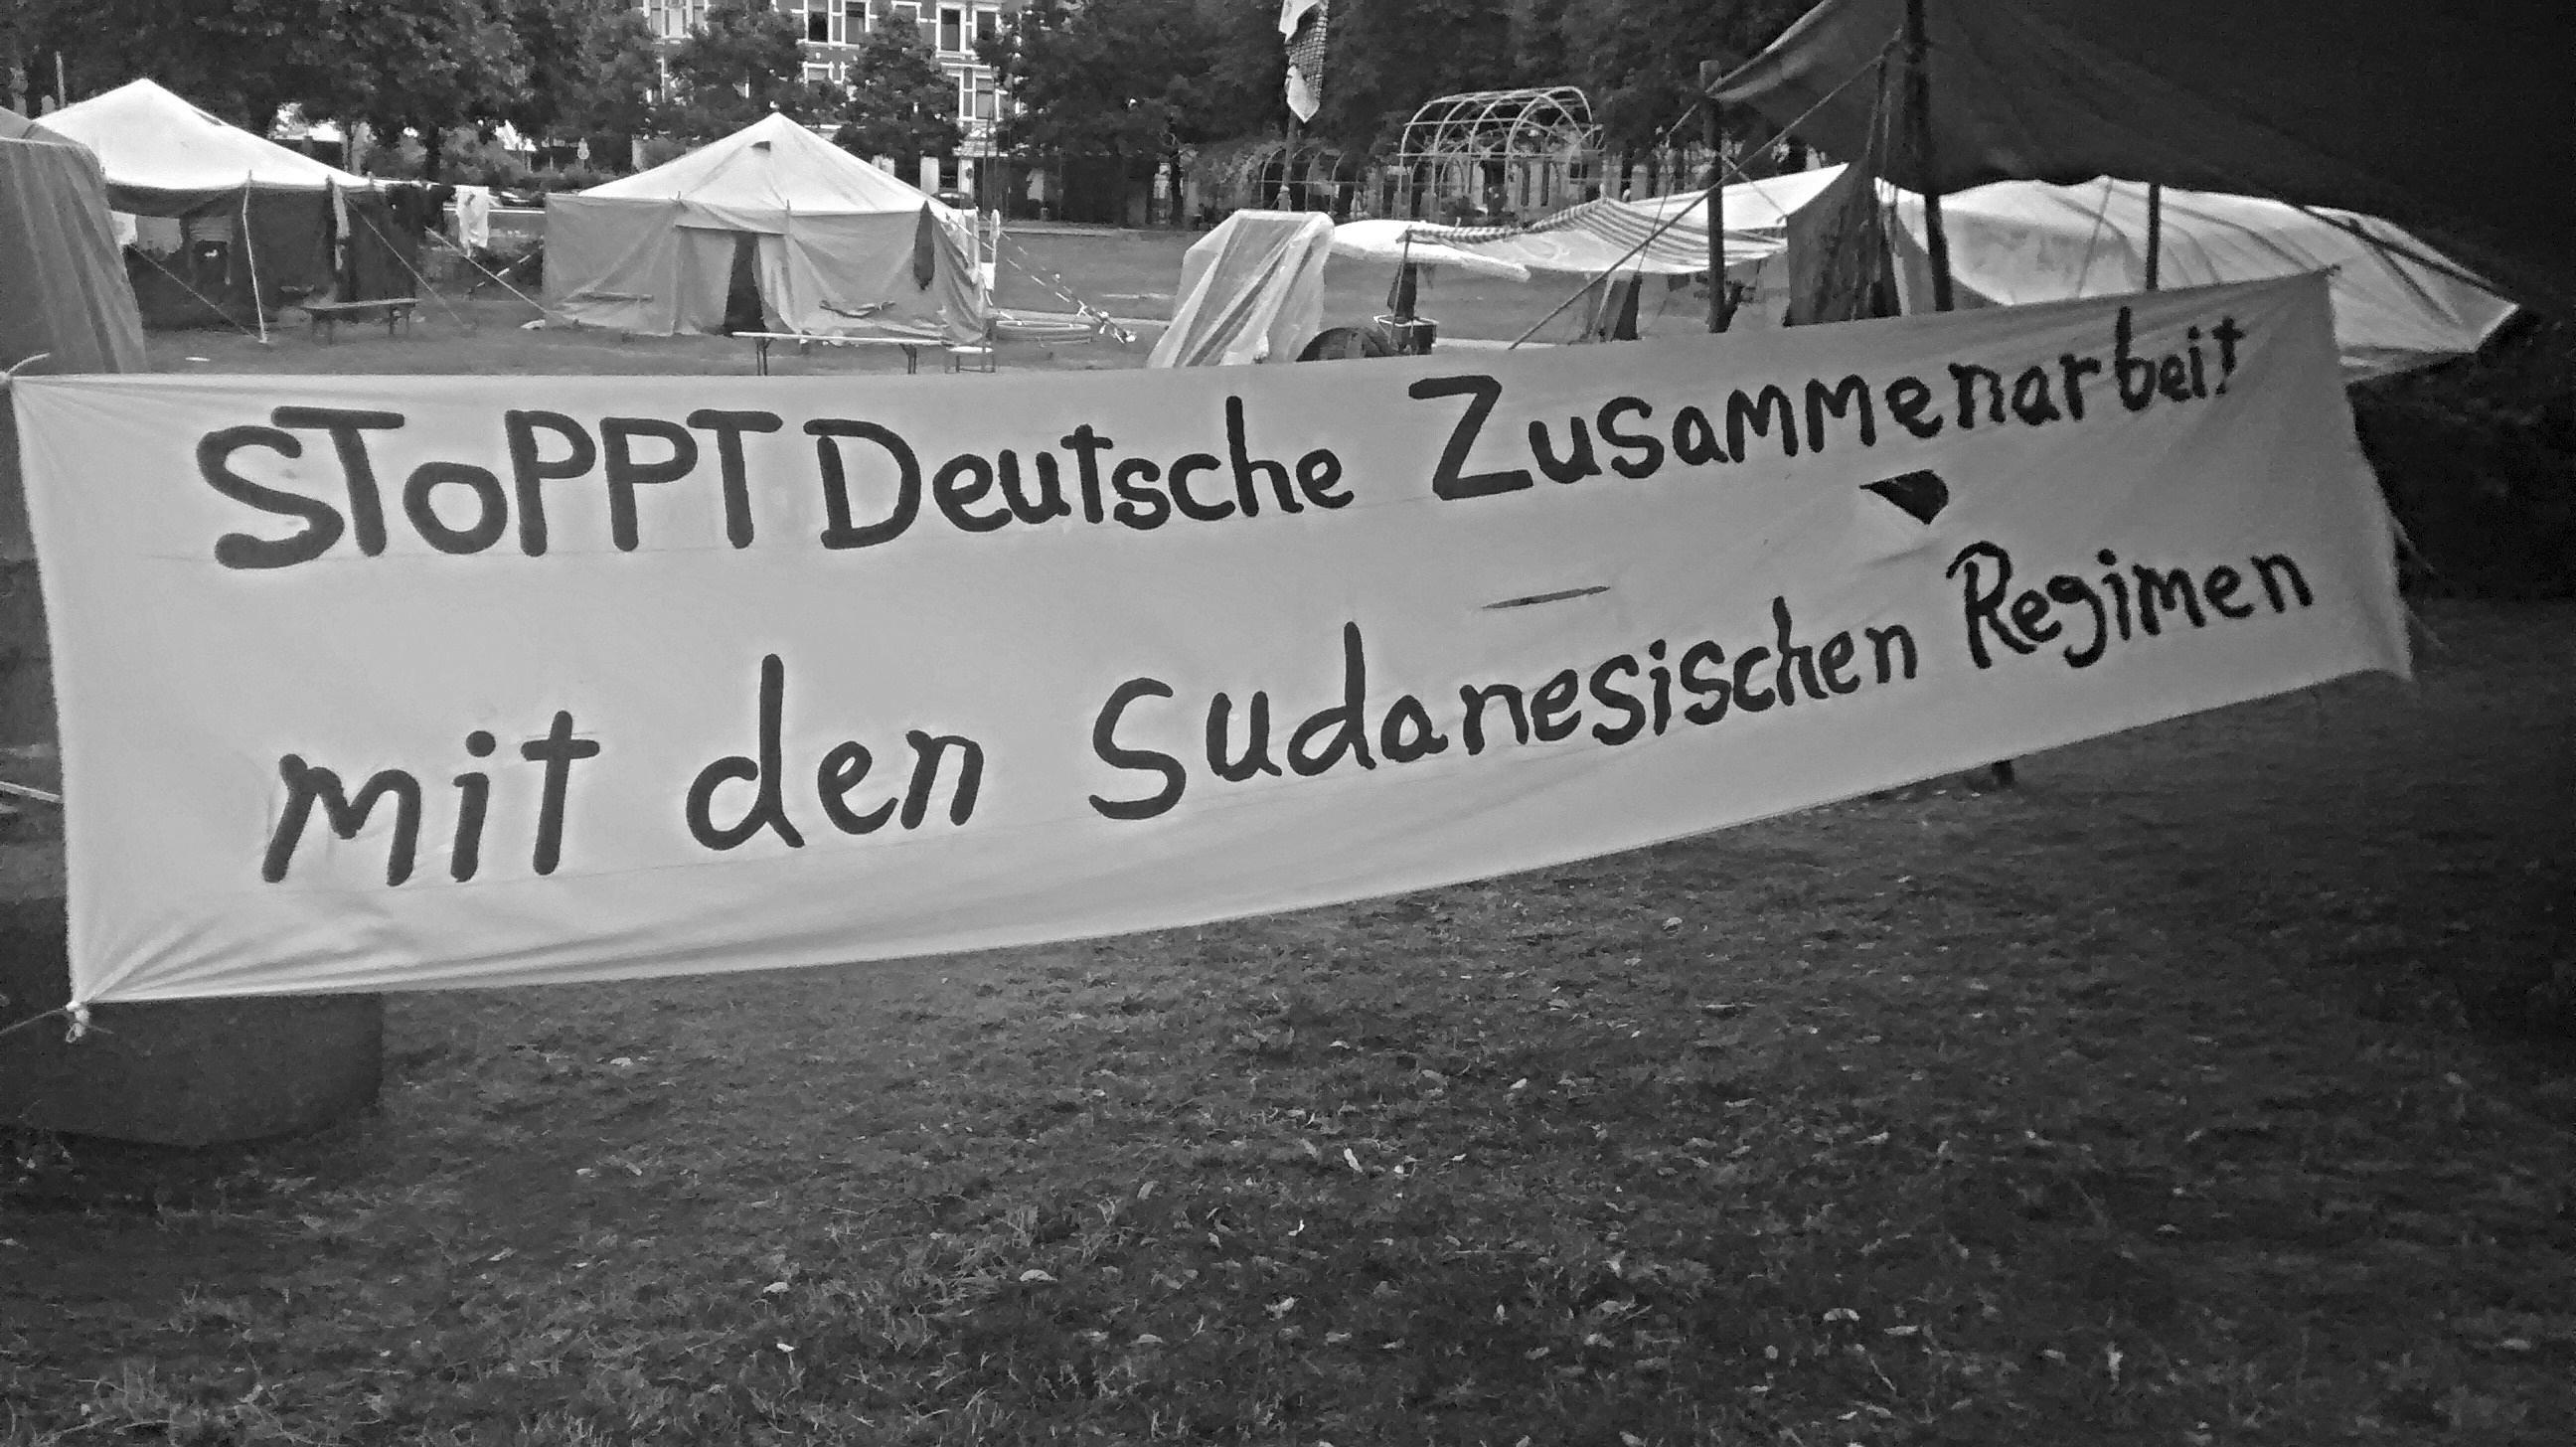 Sind durch die deutsche Diplomatie in ihrem Leben bedroht: Sudanesische Flüchtlinge auf dem Refugee Protest Camp Hannover. Weitere Informationen über das Camp auf ageeb1999.wordpress.com